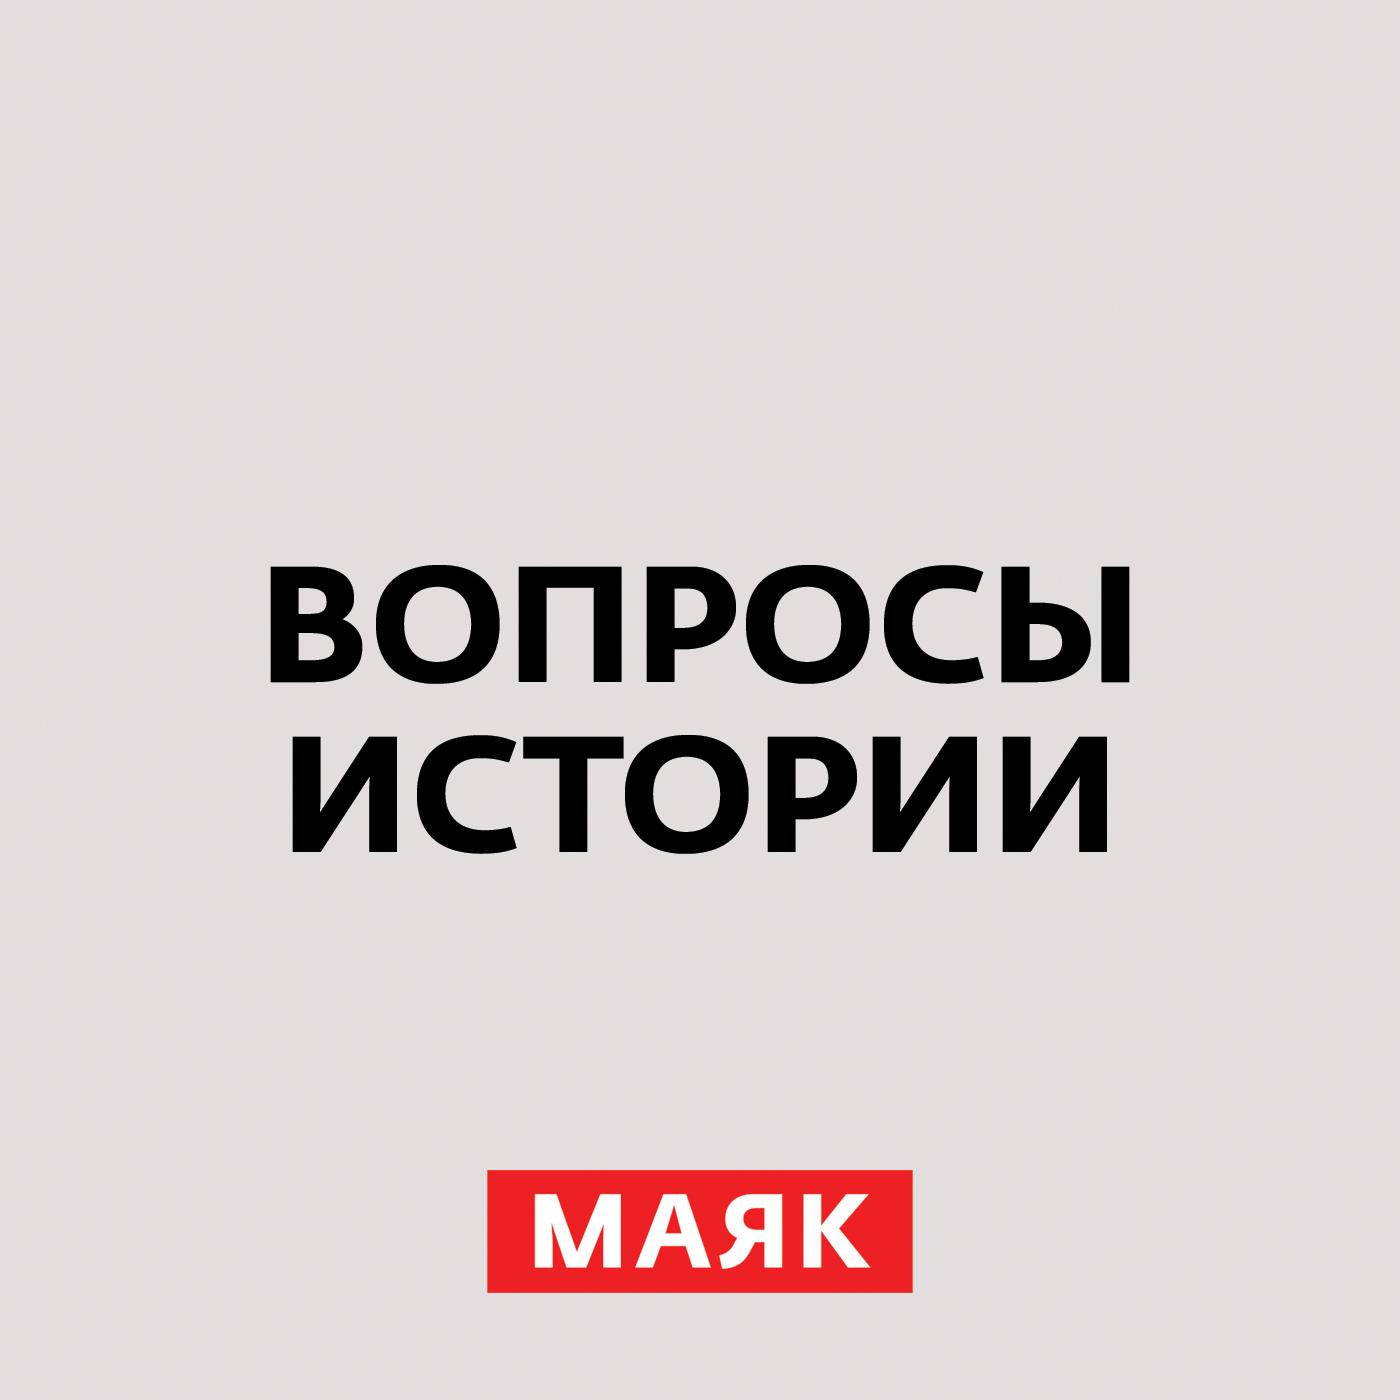 Андрей Светенко Рада – это жалкая оперетка андрей светенко писатель – не диагноз писатель – это боль